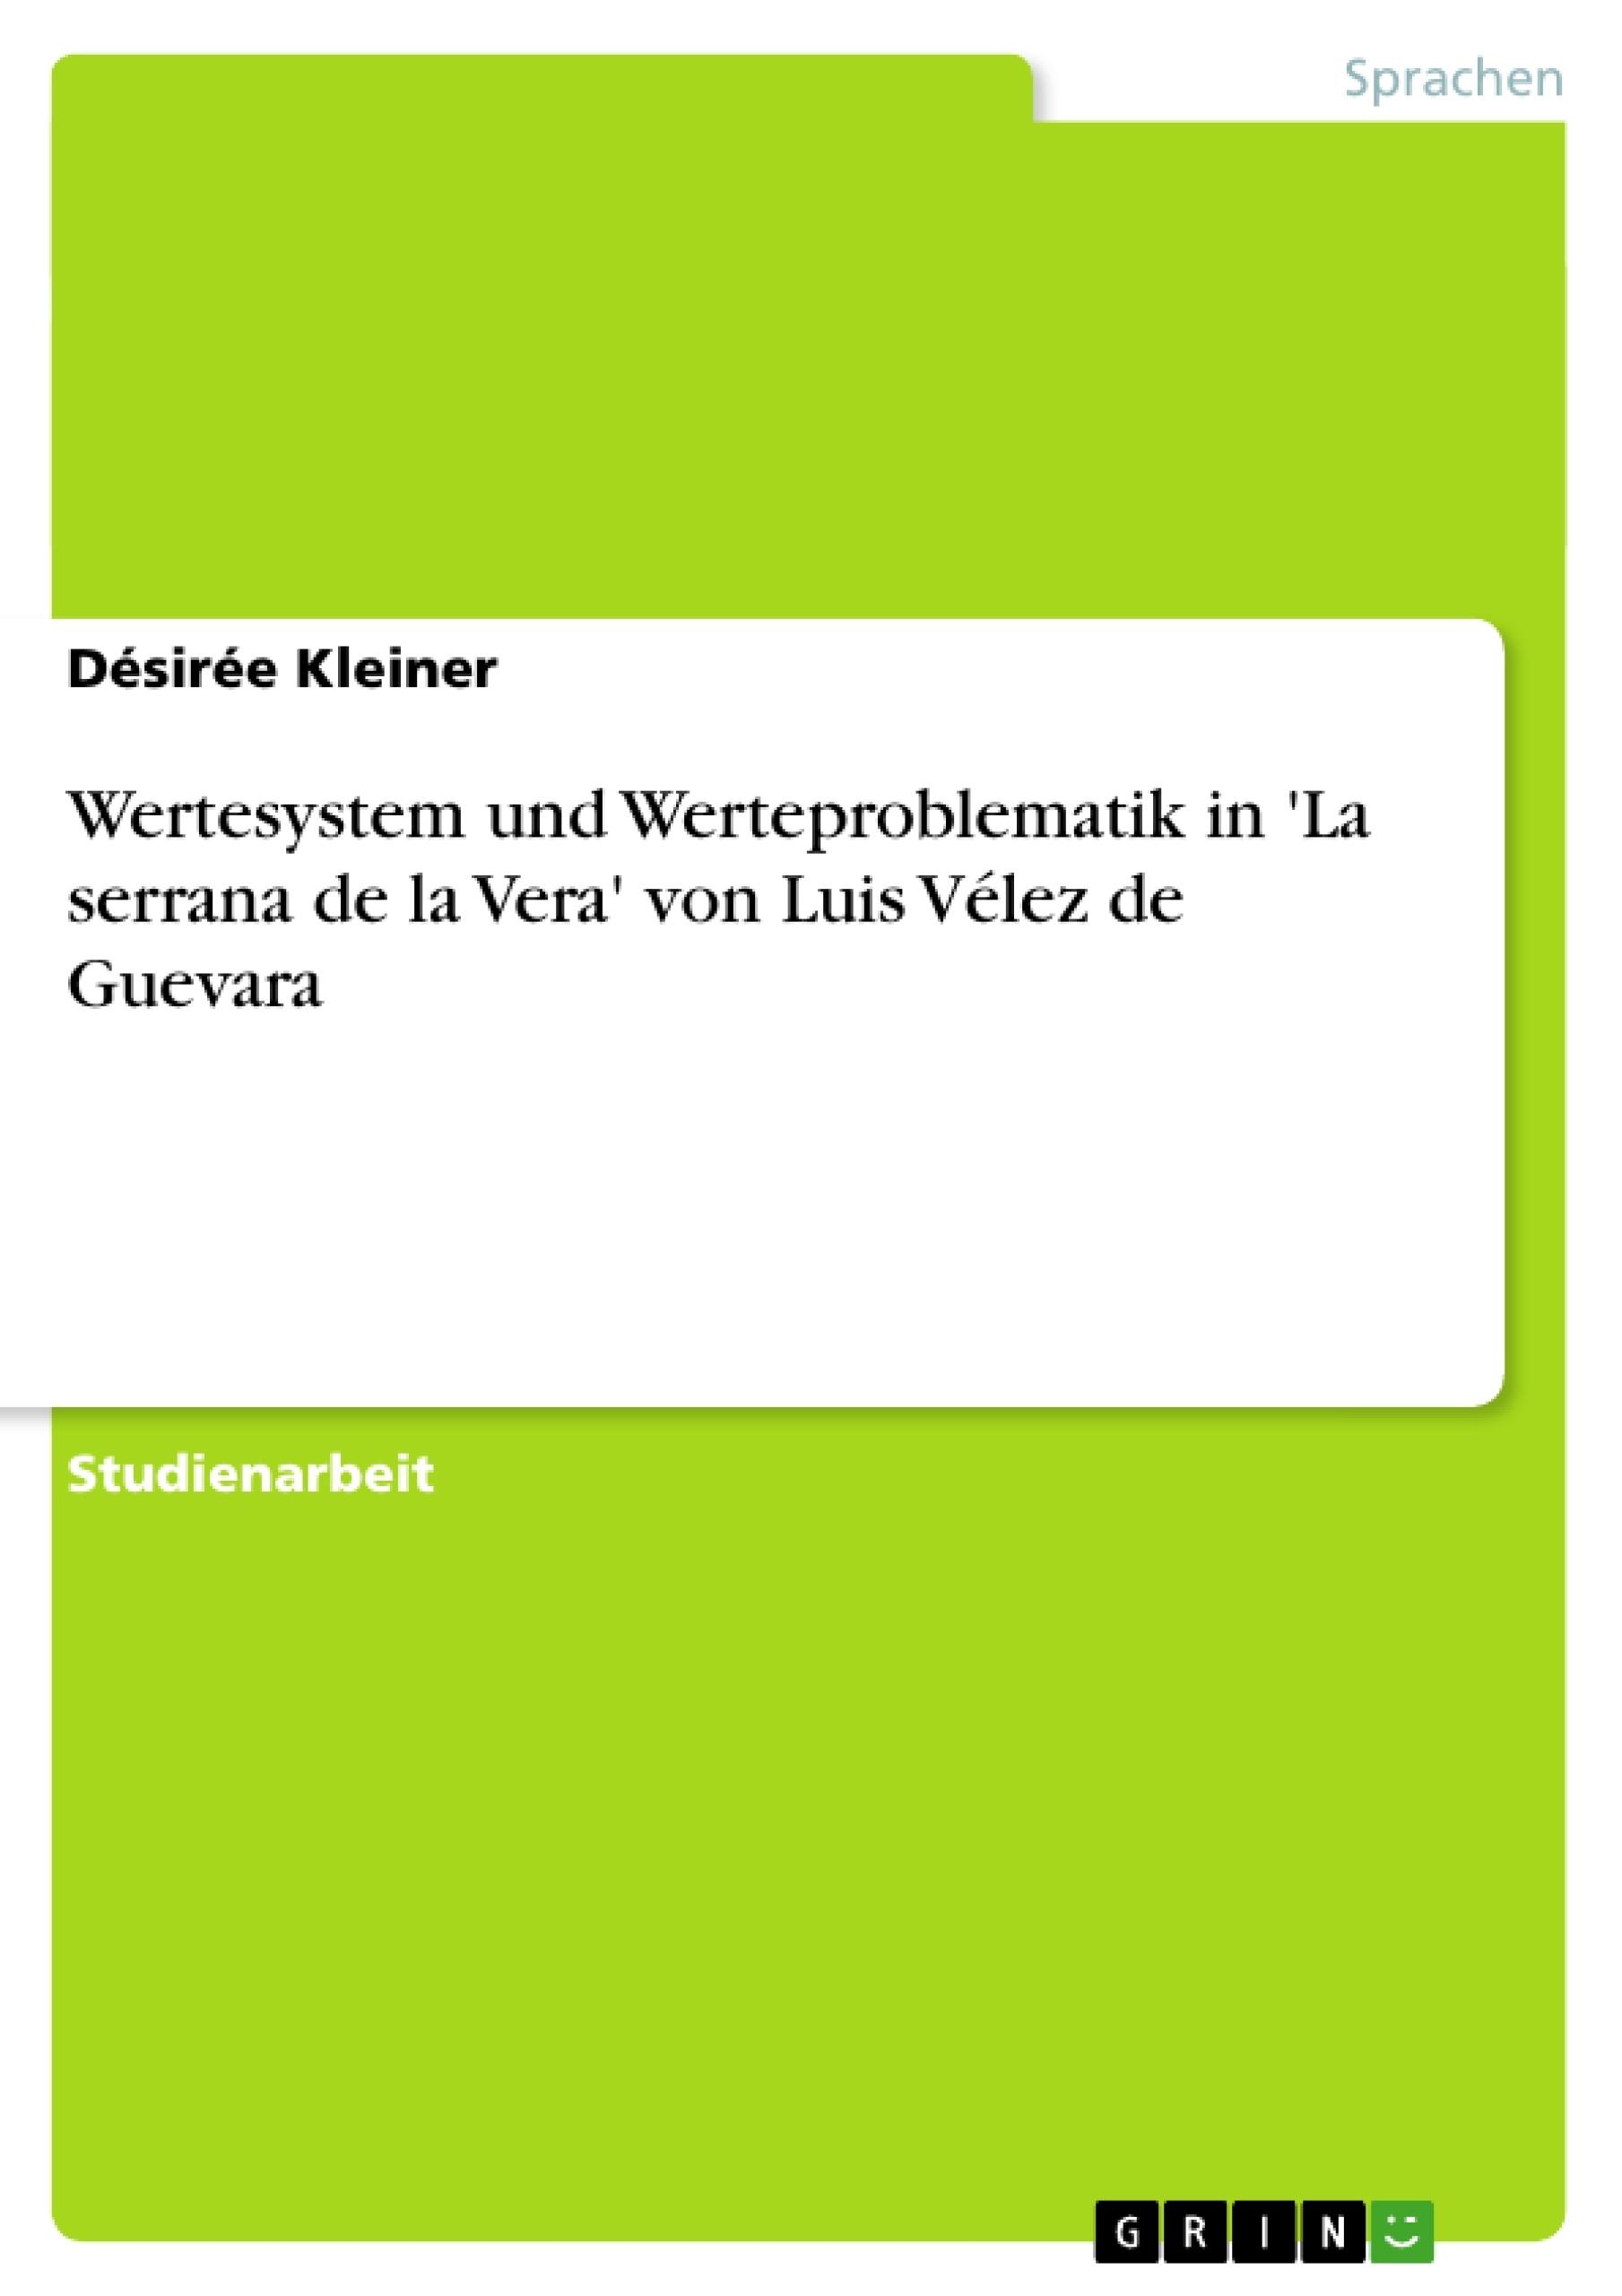 Titel: Wertesystem und Werteproblematik in 'La serrana de la Vera' von Luis Vélez de Guevara